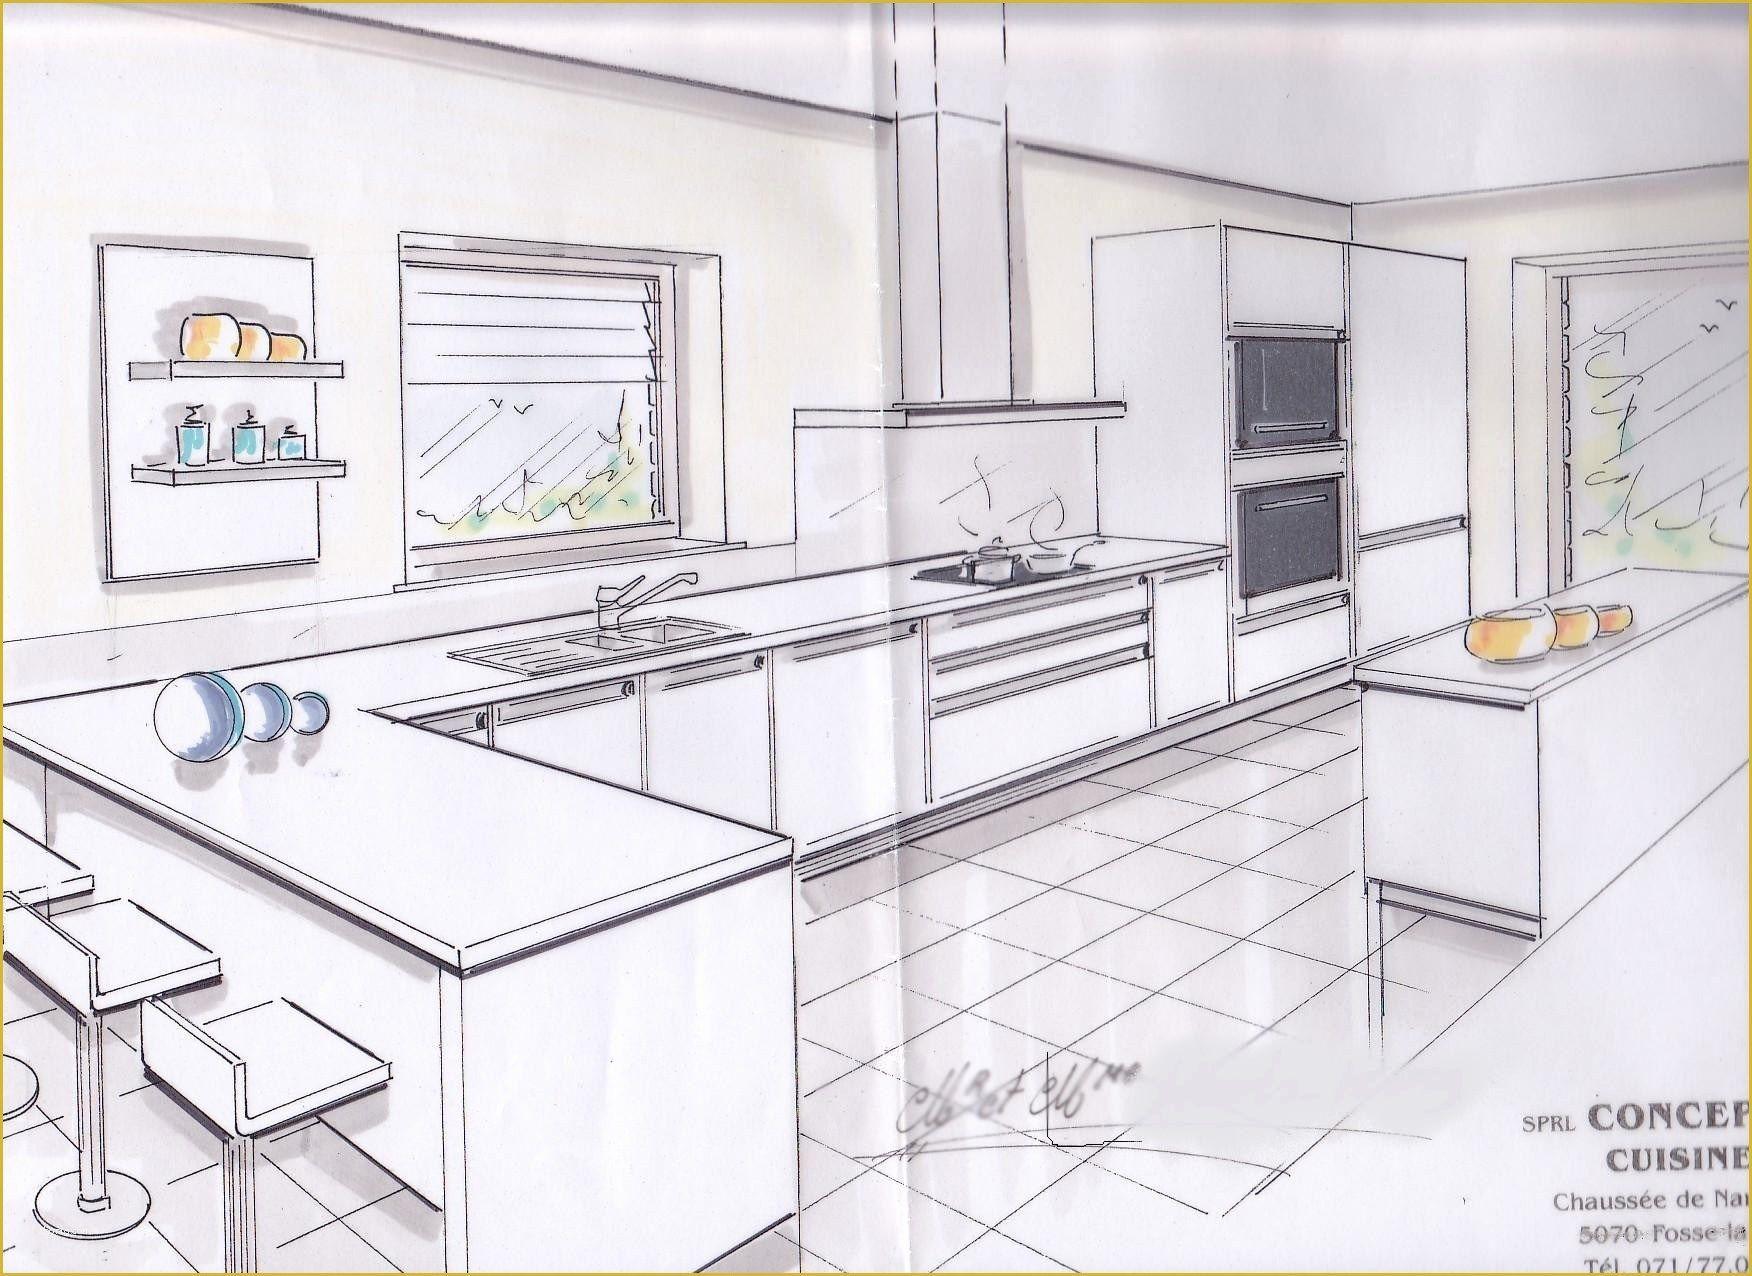 25 Telecharger Logiciel Plan Maison Gratuit Plan De La Maison Gratuit Logiciel Maison Plan Tel In 2020 Kitchen Designs Layout Luxury Kitchen Design Pantry Design